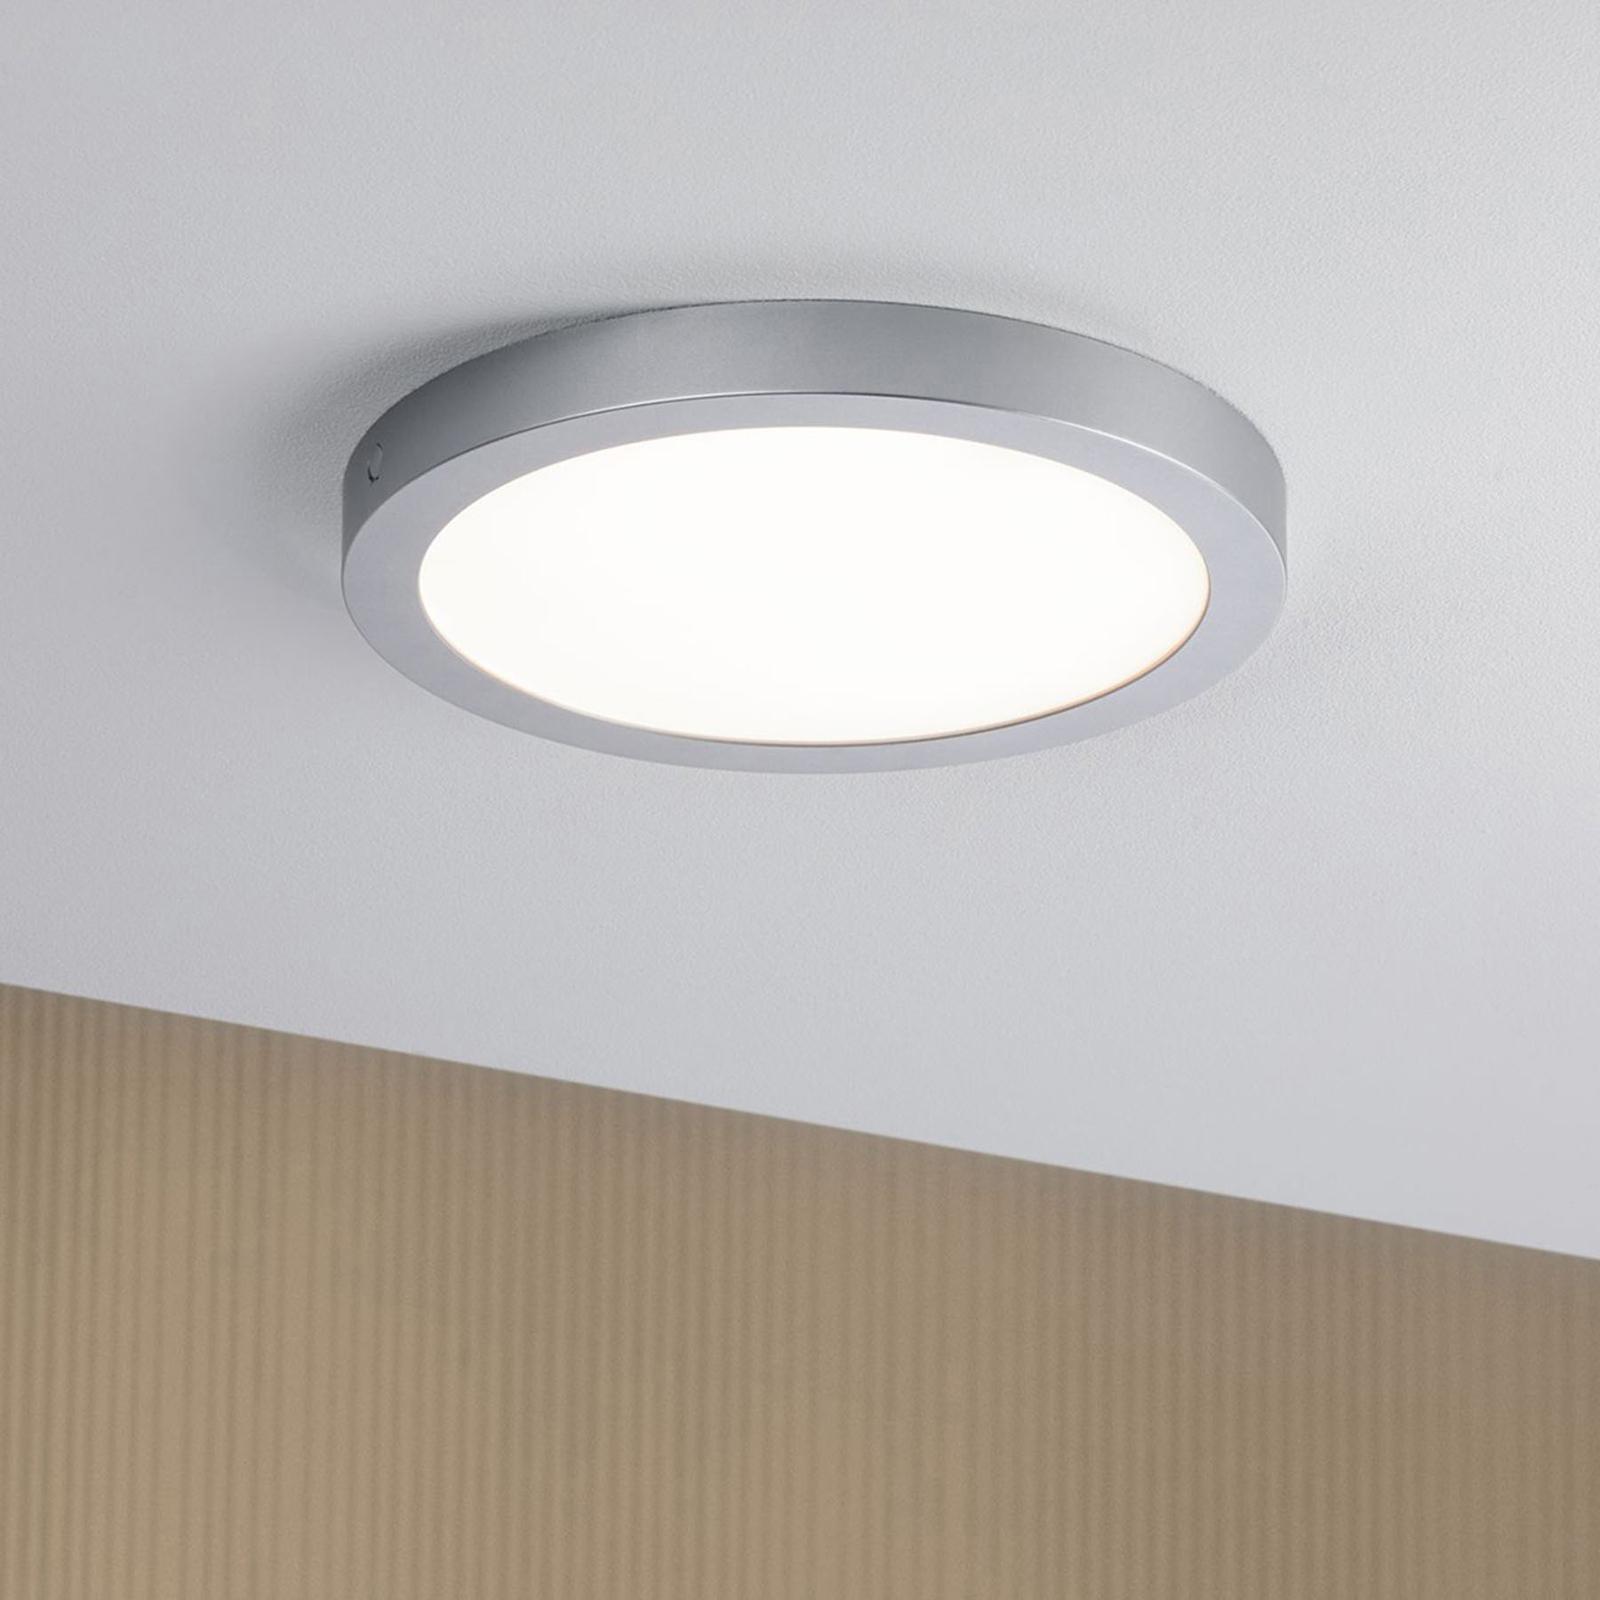 Paulmann Abia LED stropní světlo Ø 30 cm chrom mat